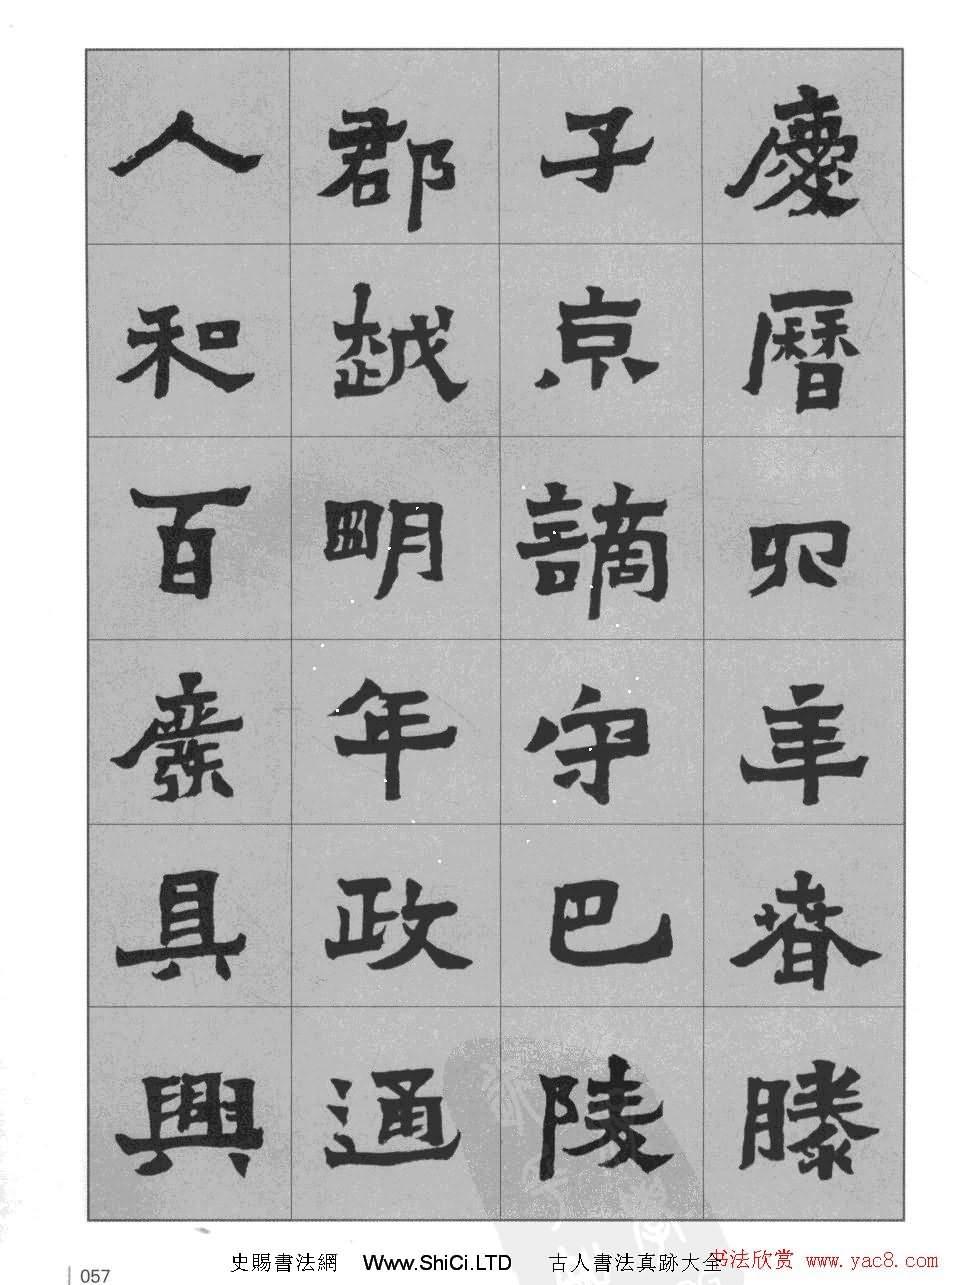 魏楷書法字帖《岳陽樓記》高清晰大圖(共5張圖片)